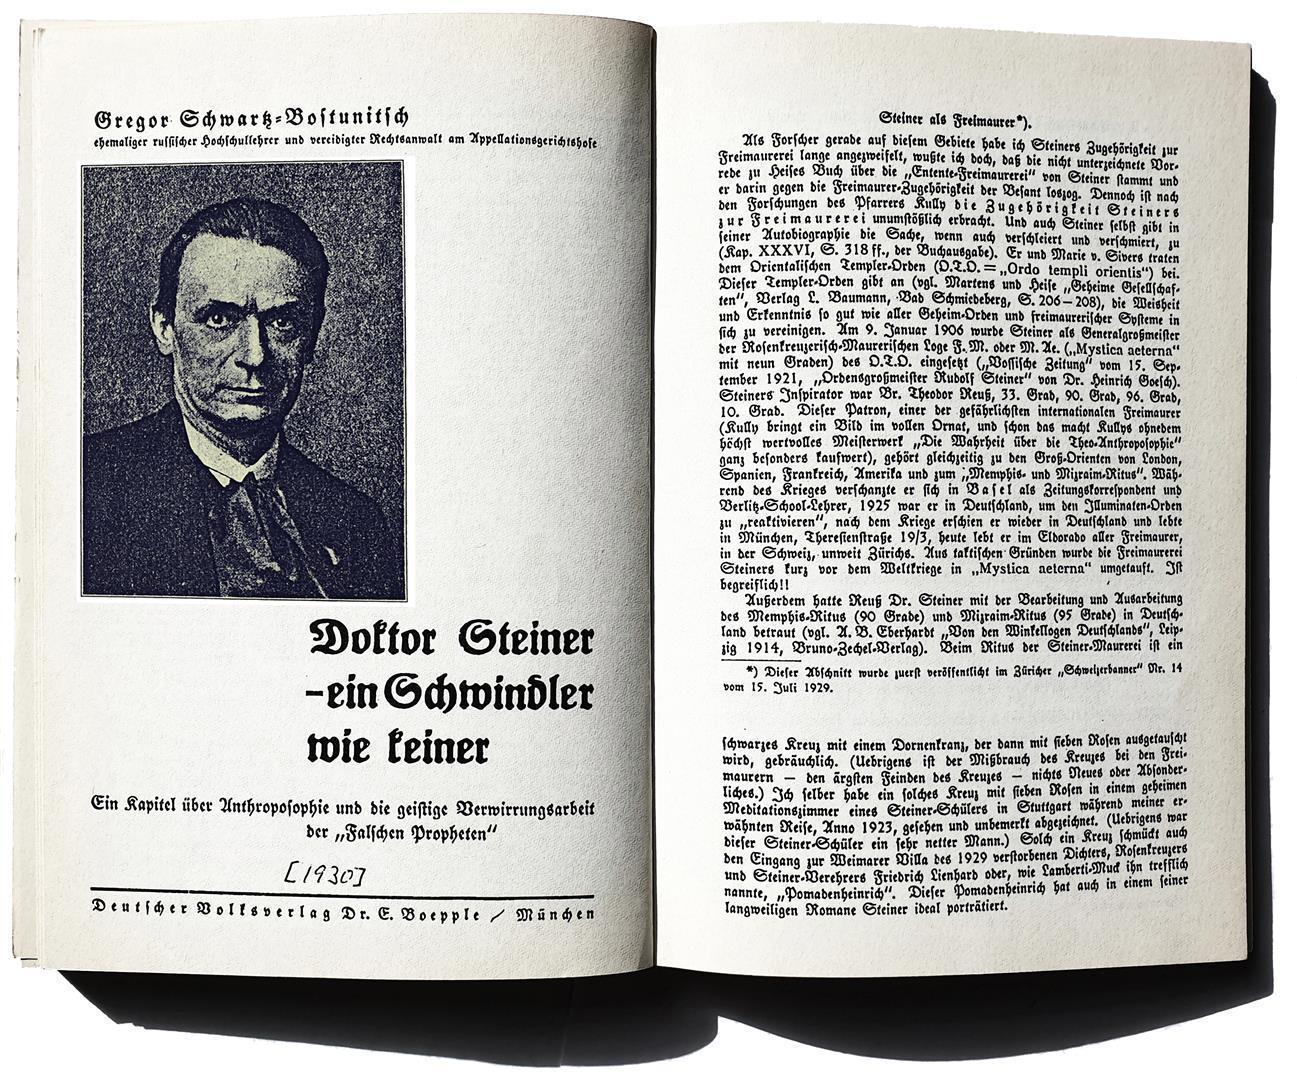 Gregor Schwartz-Bostunitsch